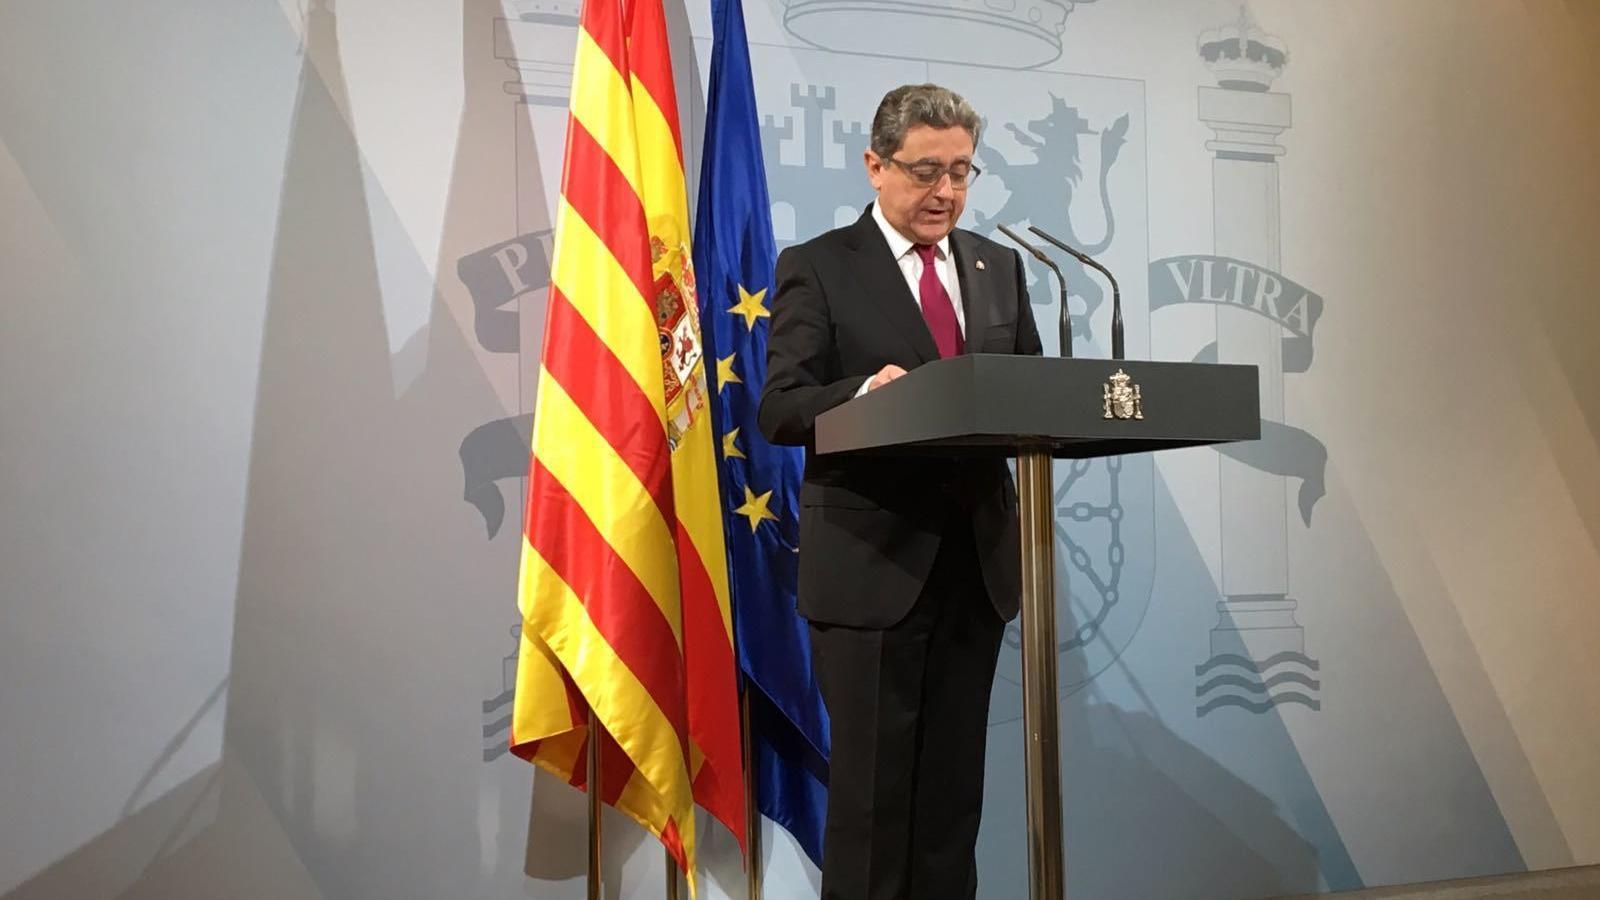 """Millo: """"Santamaría no es referia com a 'líders escapçats' als que són a la presó, sinó al cessament dels membres del Govern"""""""